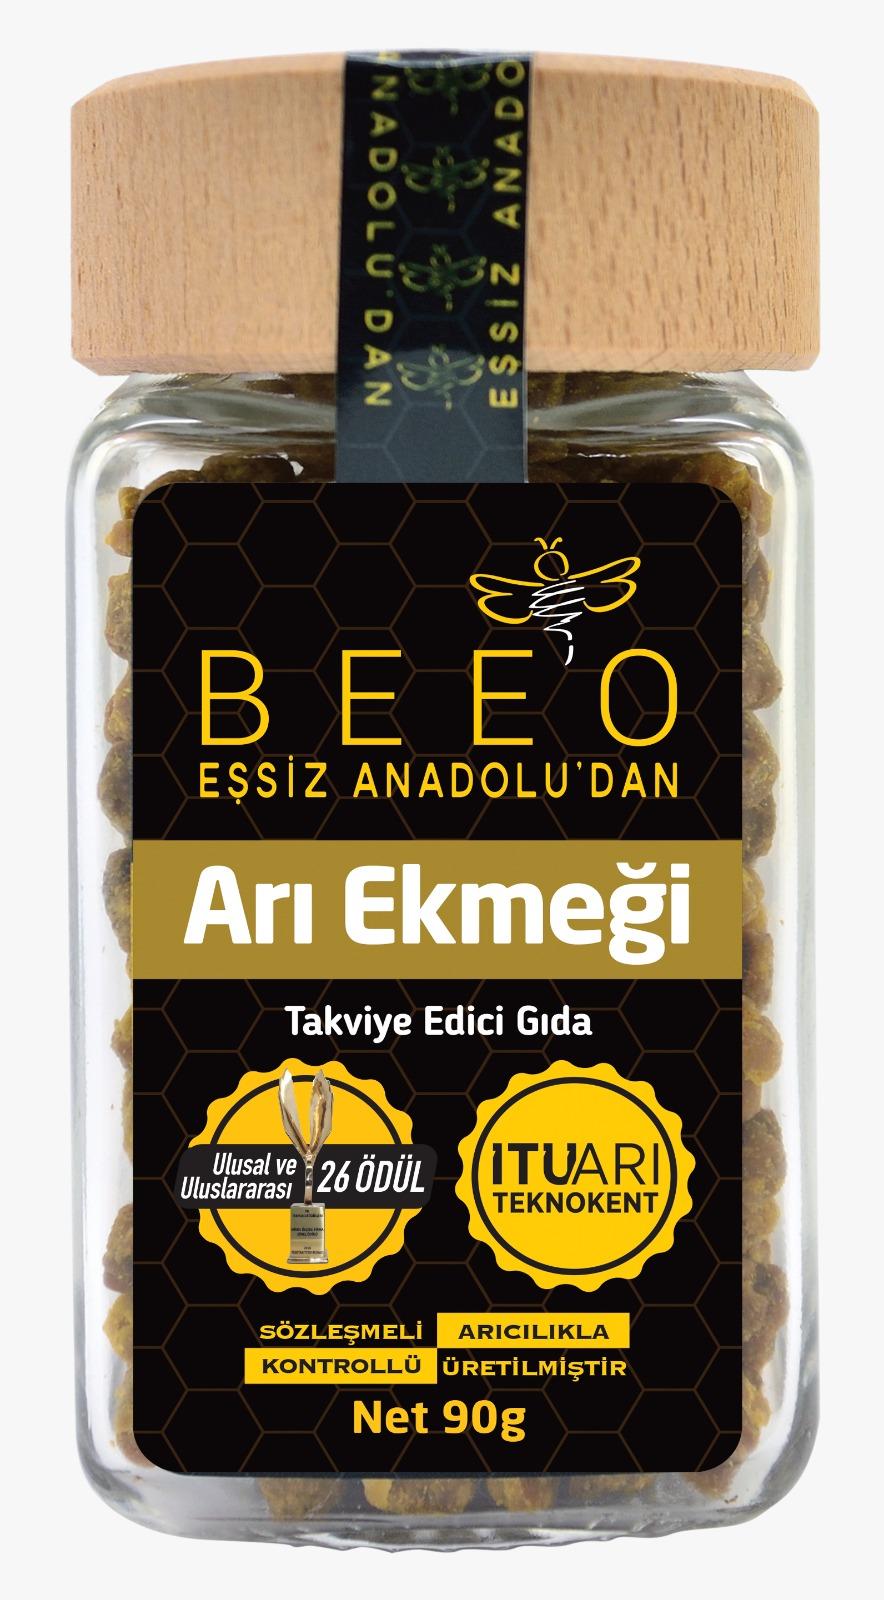 Bee'o Arı Ekmeği